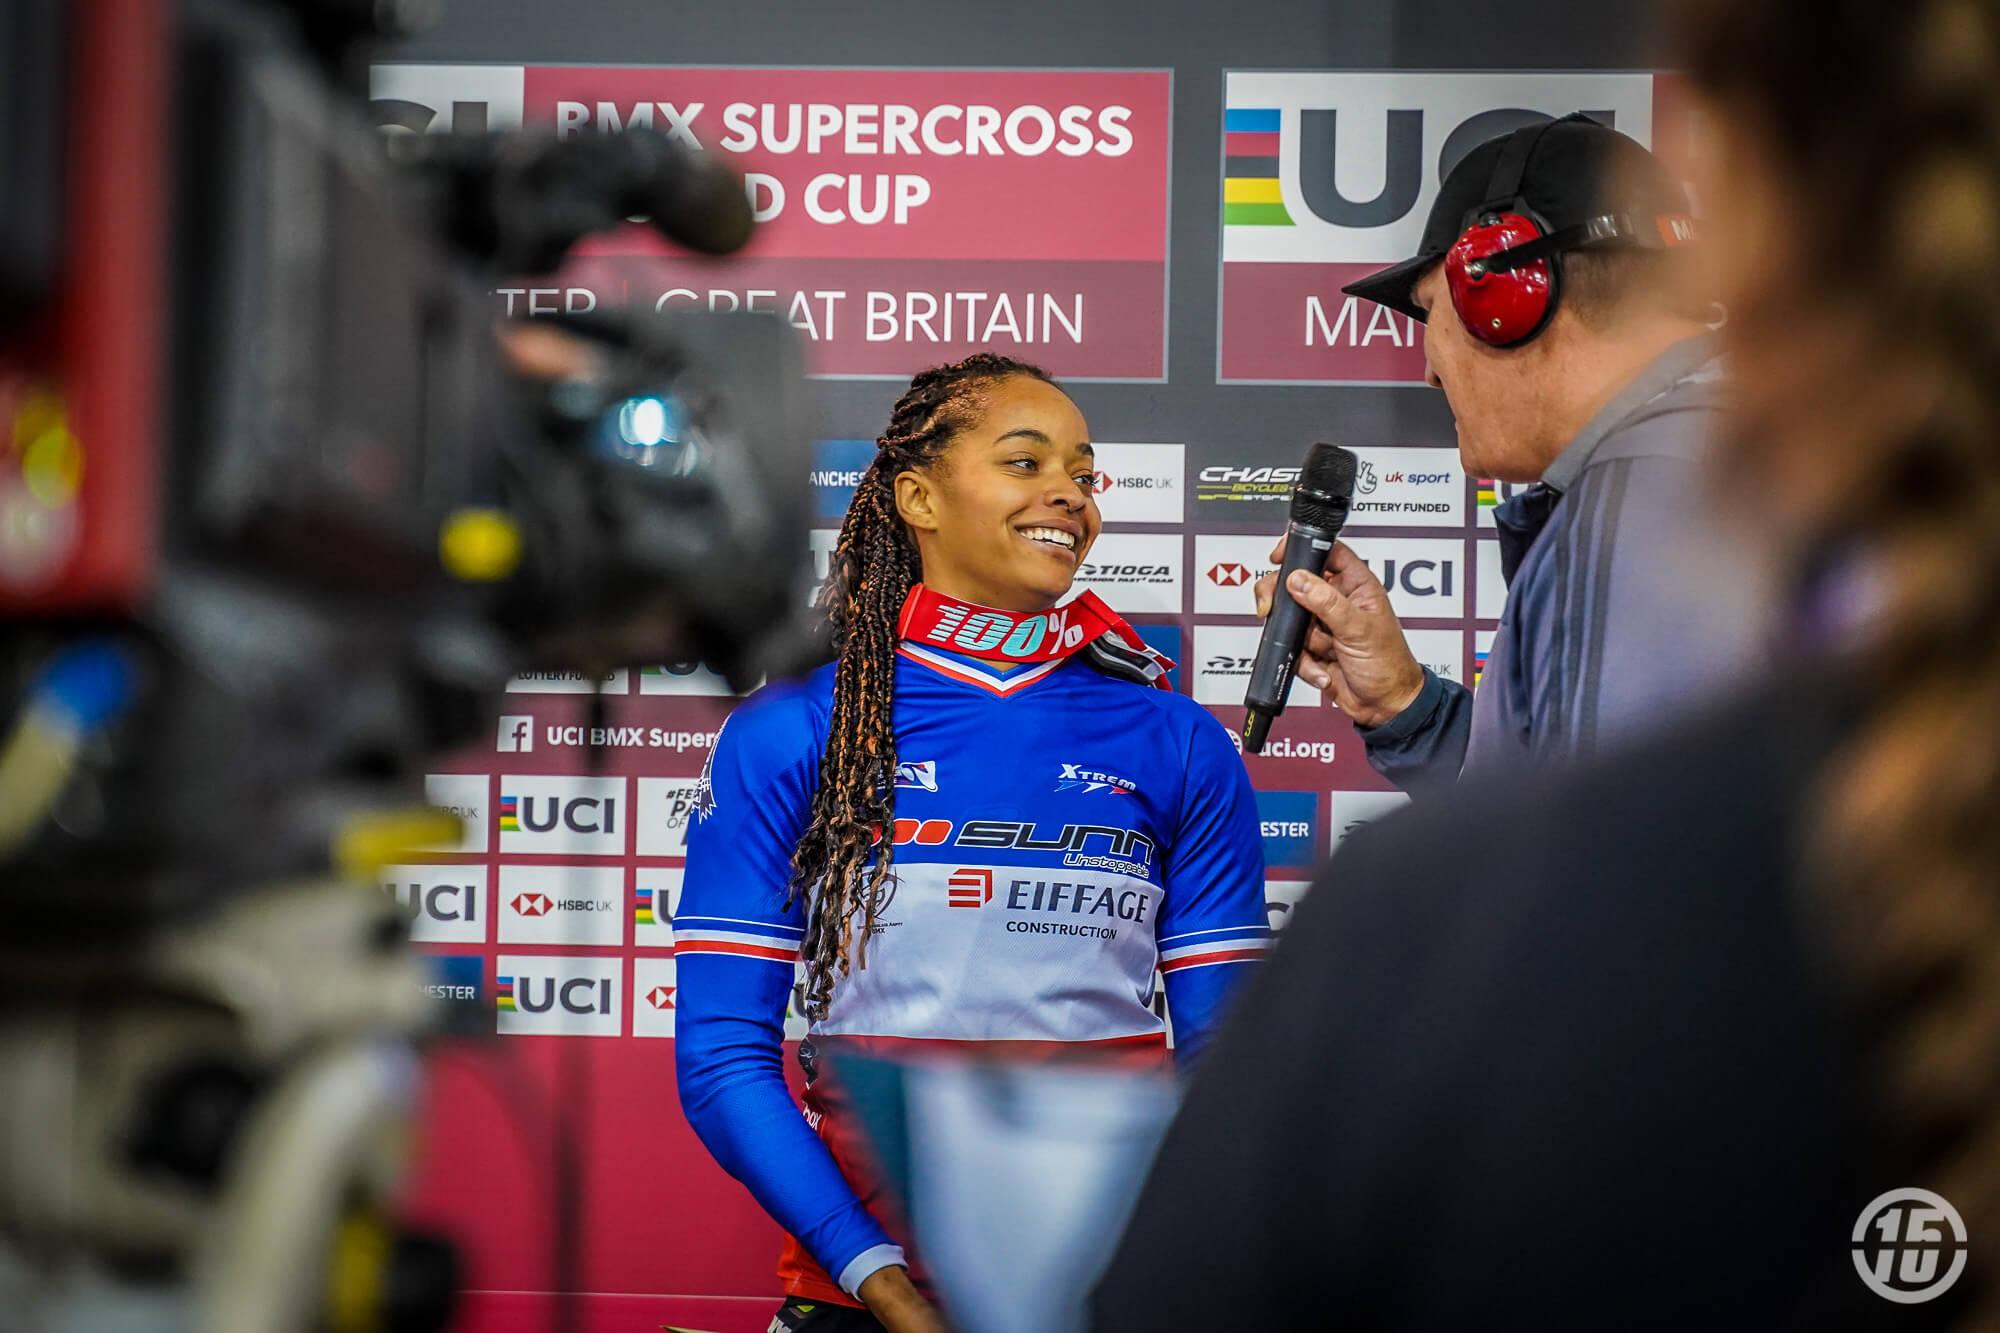 Manchester UCI SX - Fifteen BMX